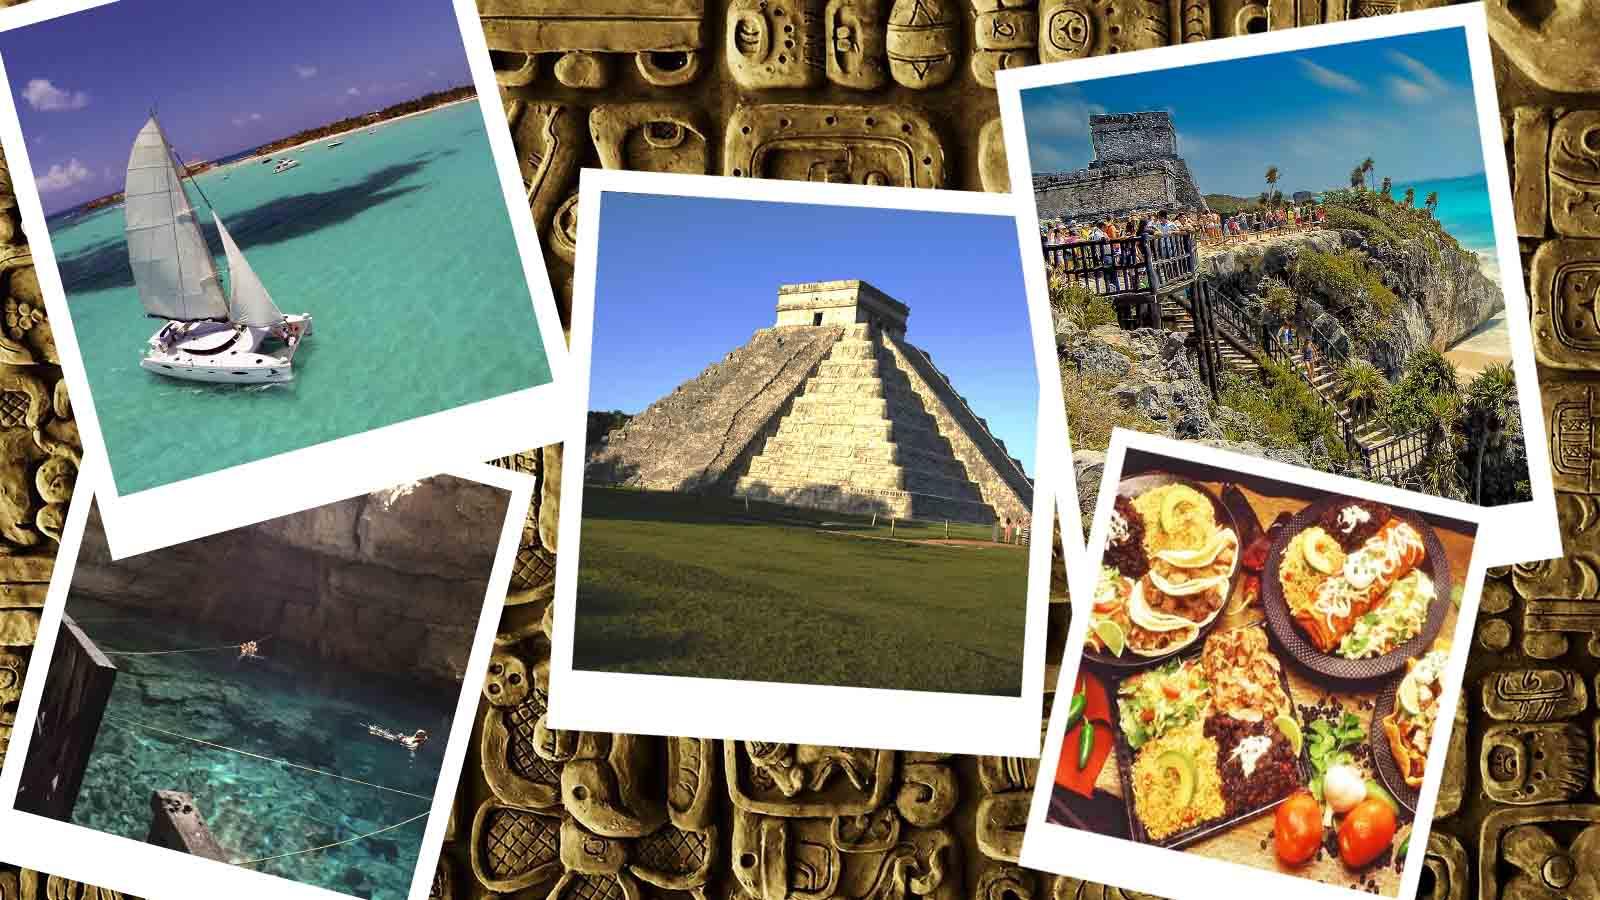 Chichen Itza + Tulum + Playa del Carmen e Isla Mujeres Plus